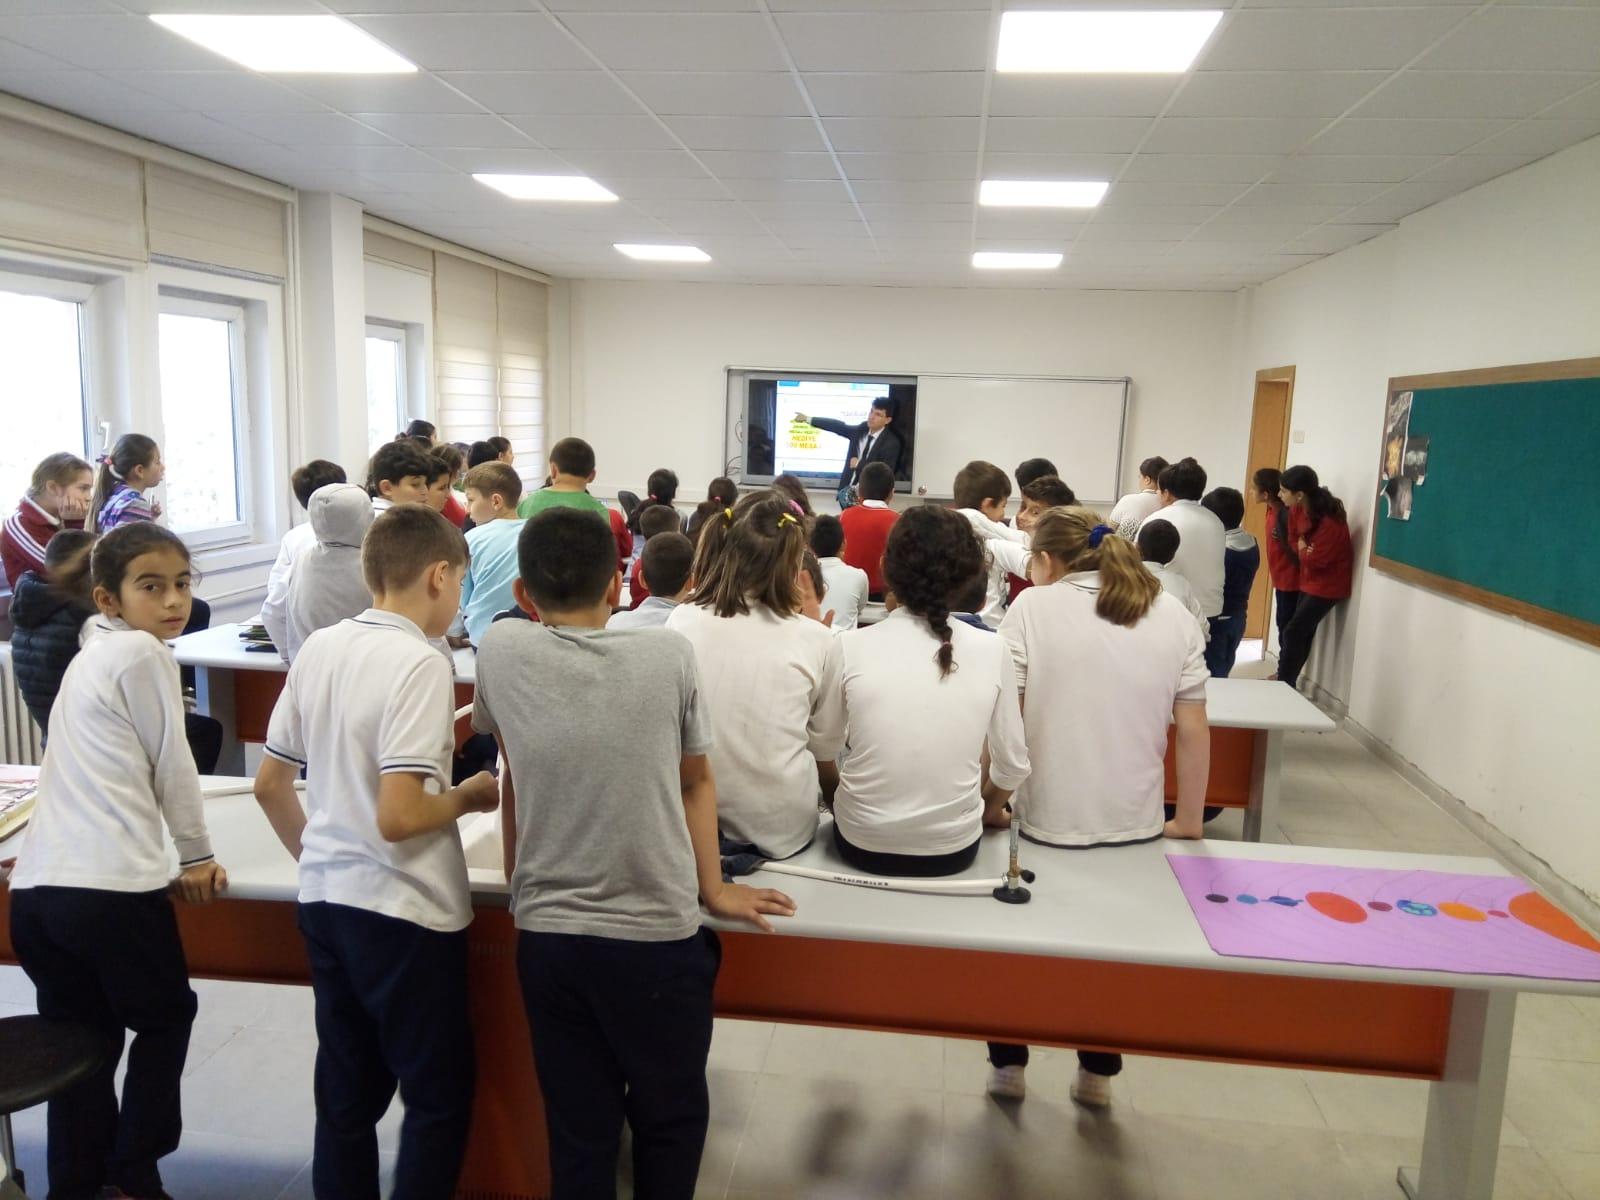 Ordu Perşembe Kırlı Ortaokulu'nda Bilinçli ve Güvenli İnternet Semineri